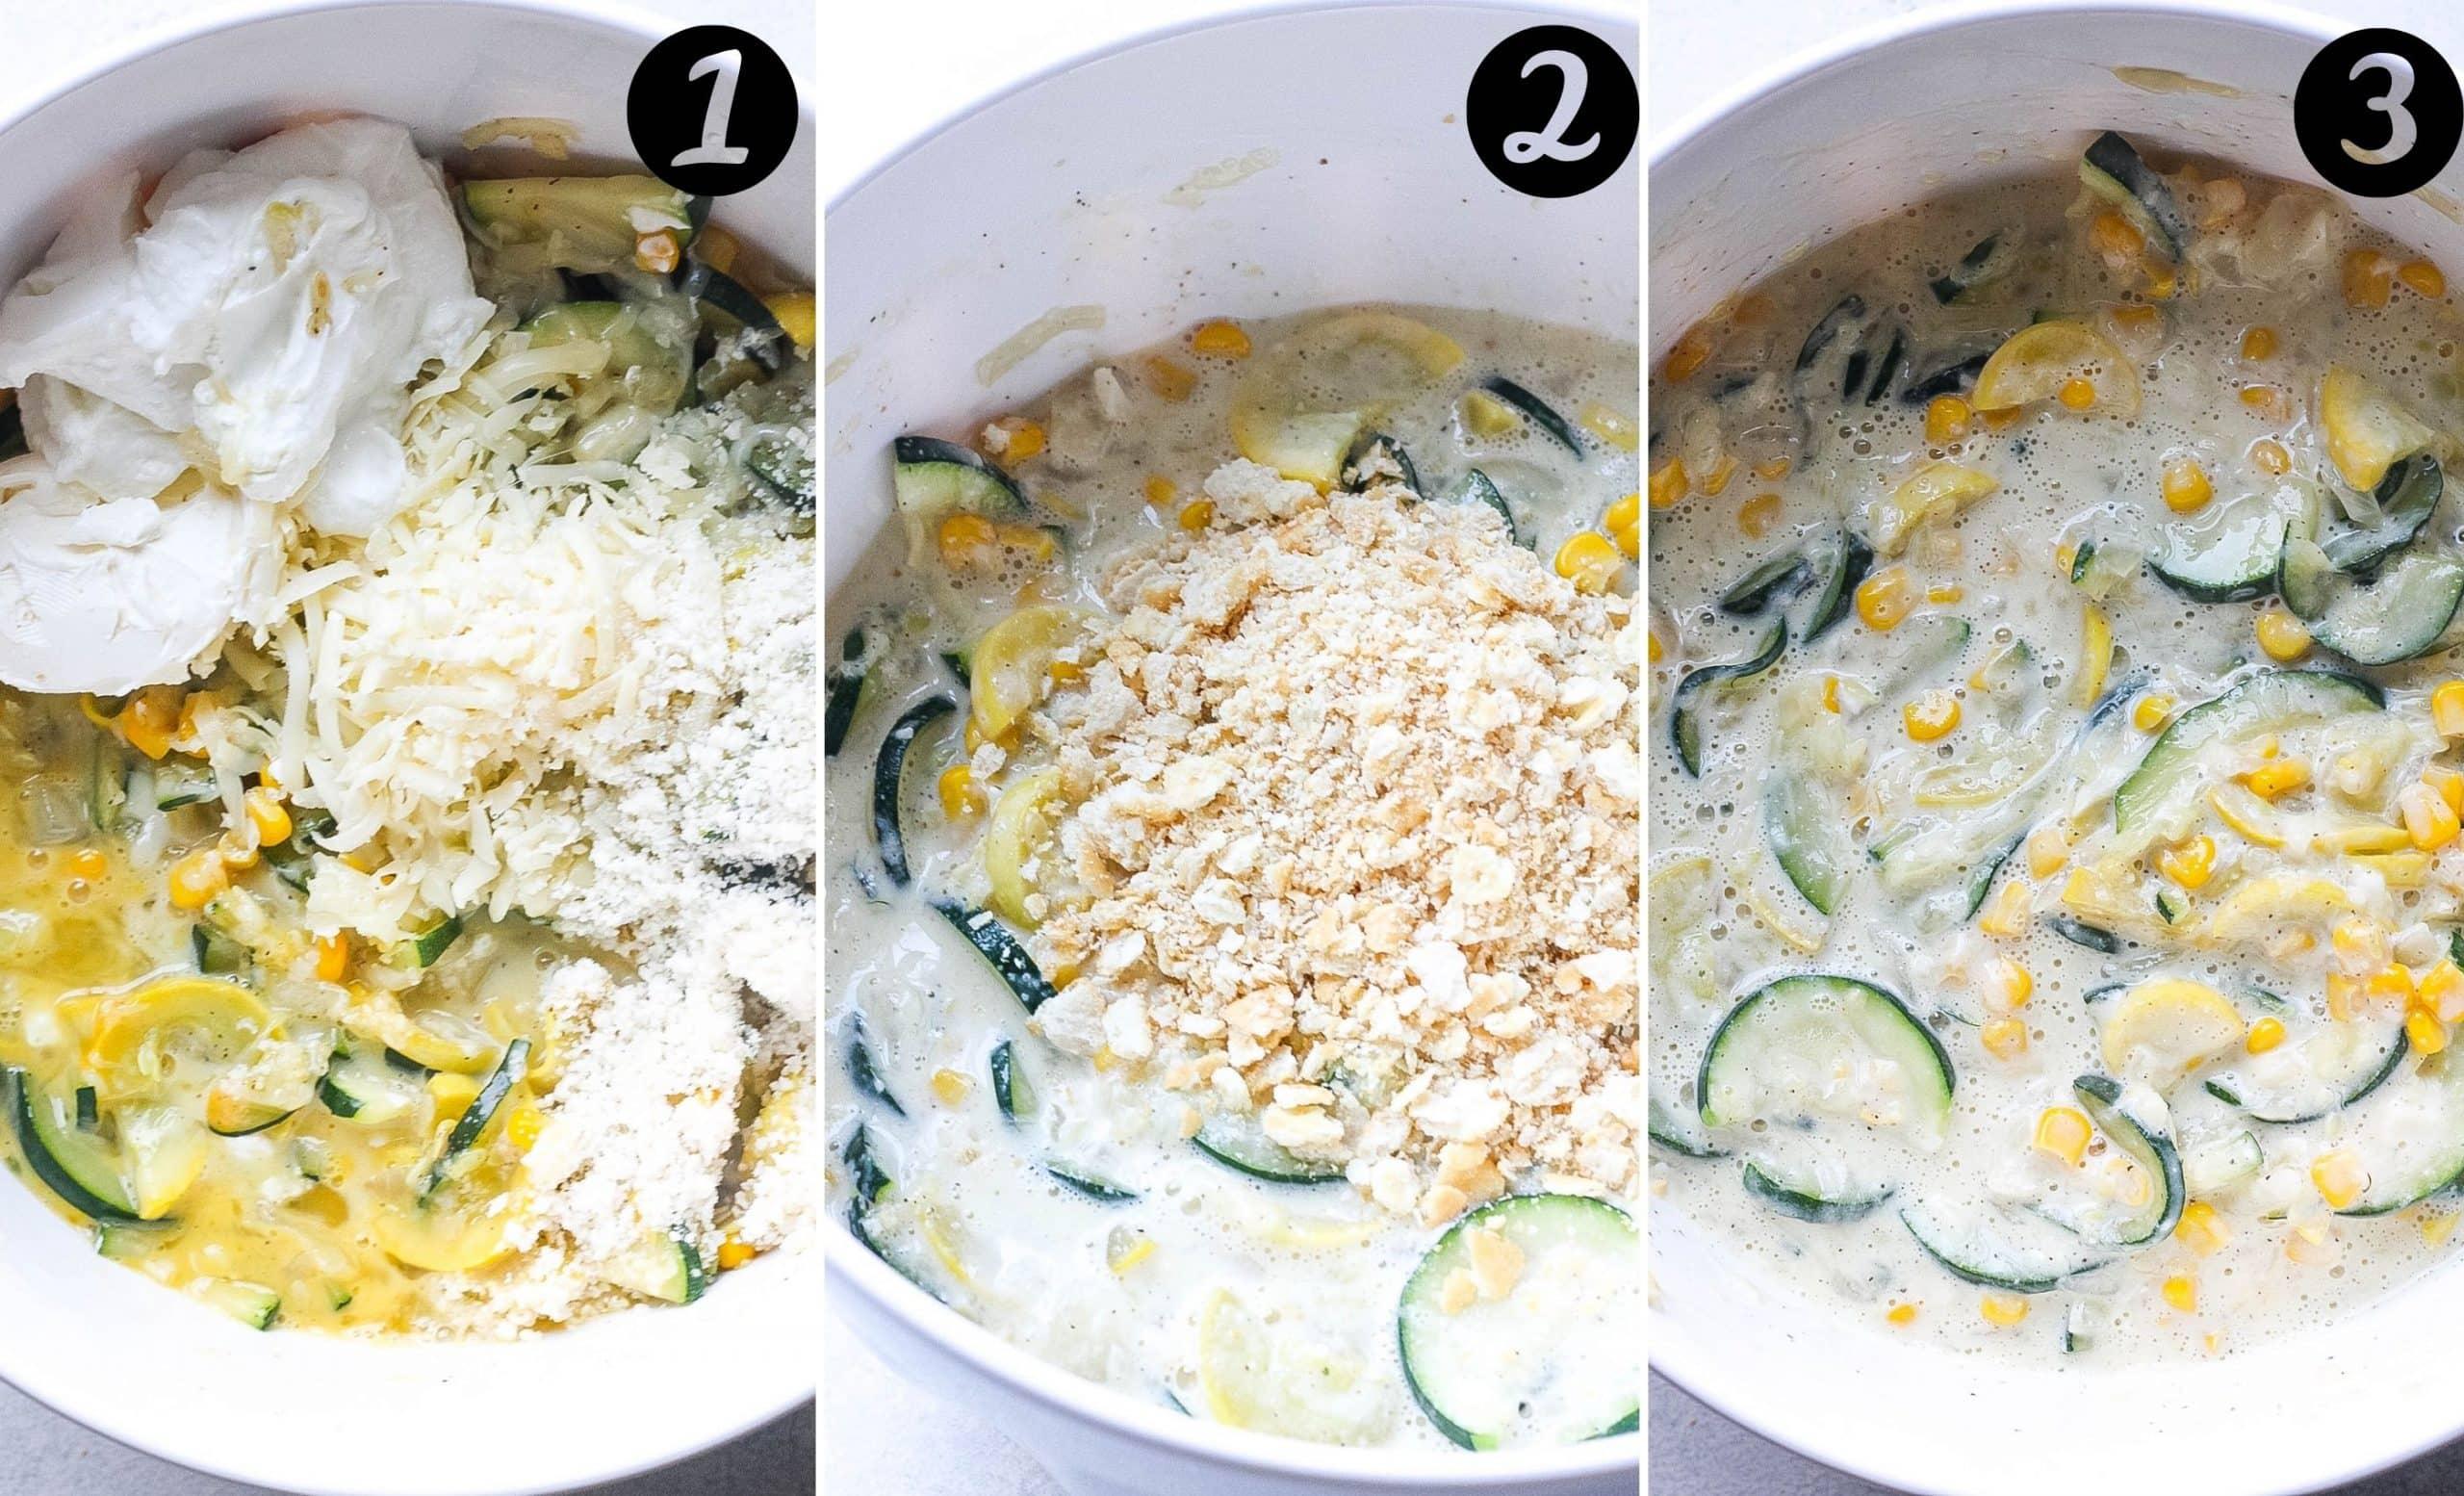 zucchini casserole bake steps